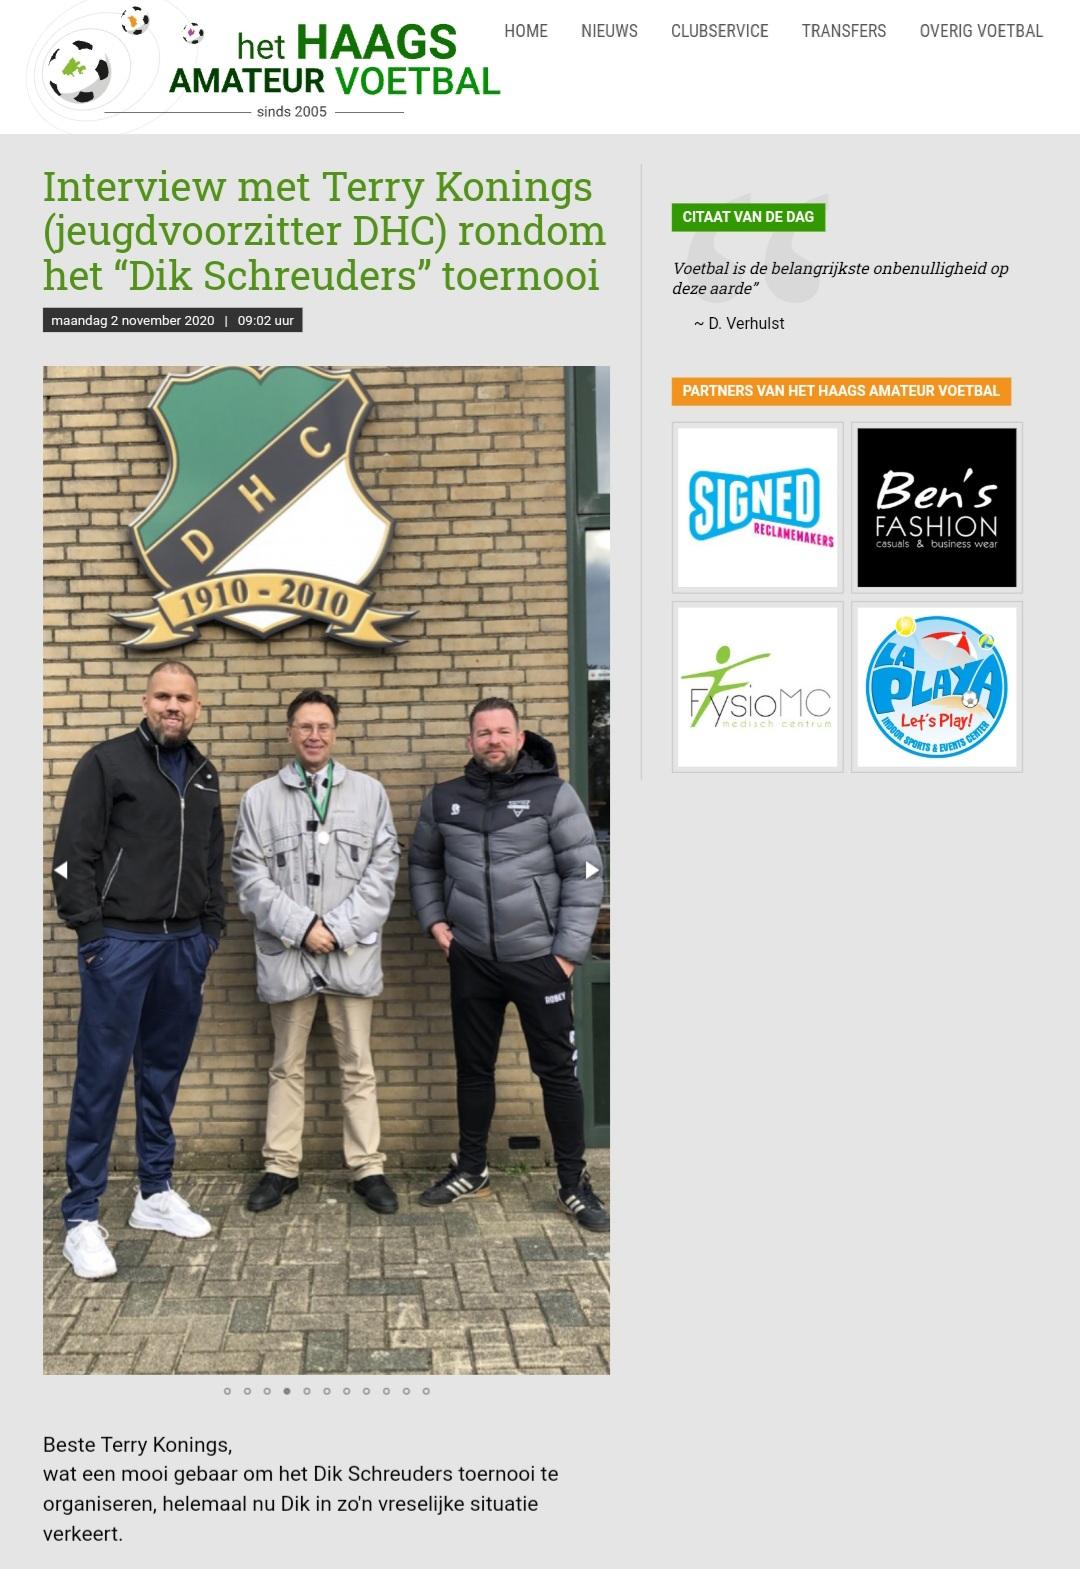 het Haags amateur voetbal over het Dik Schreuders toernooi